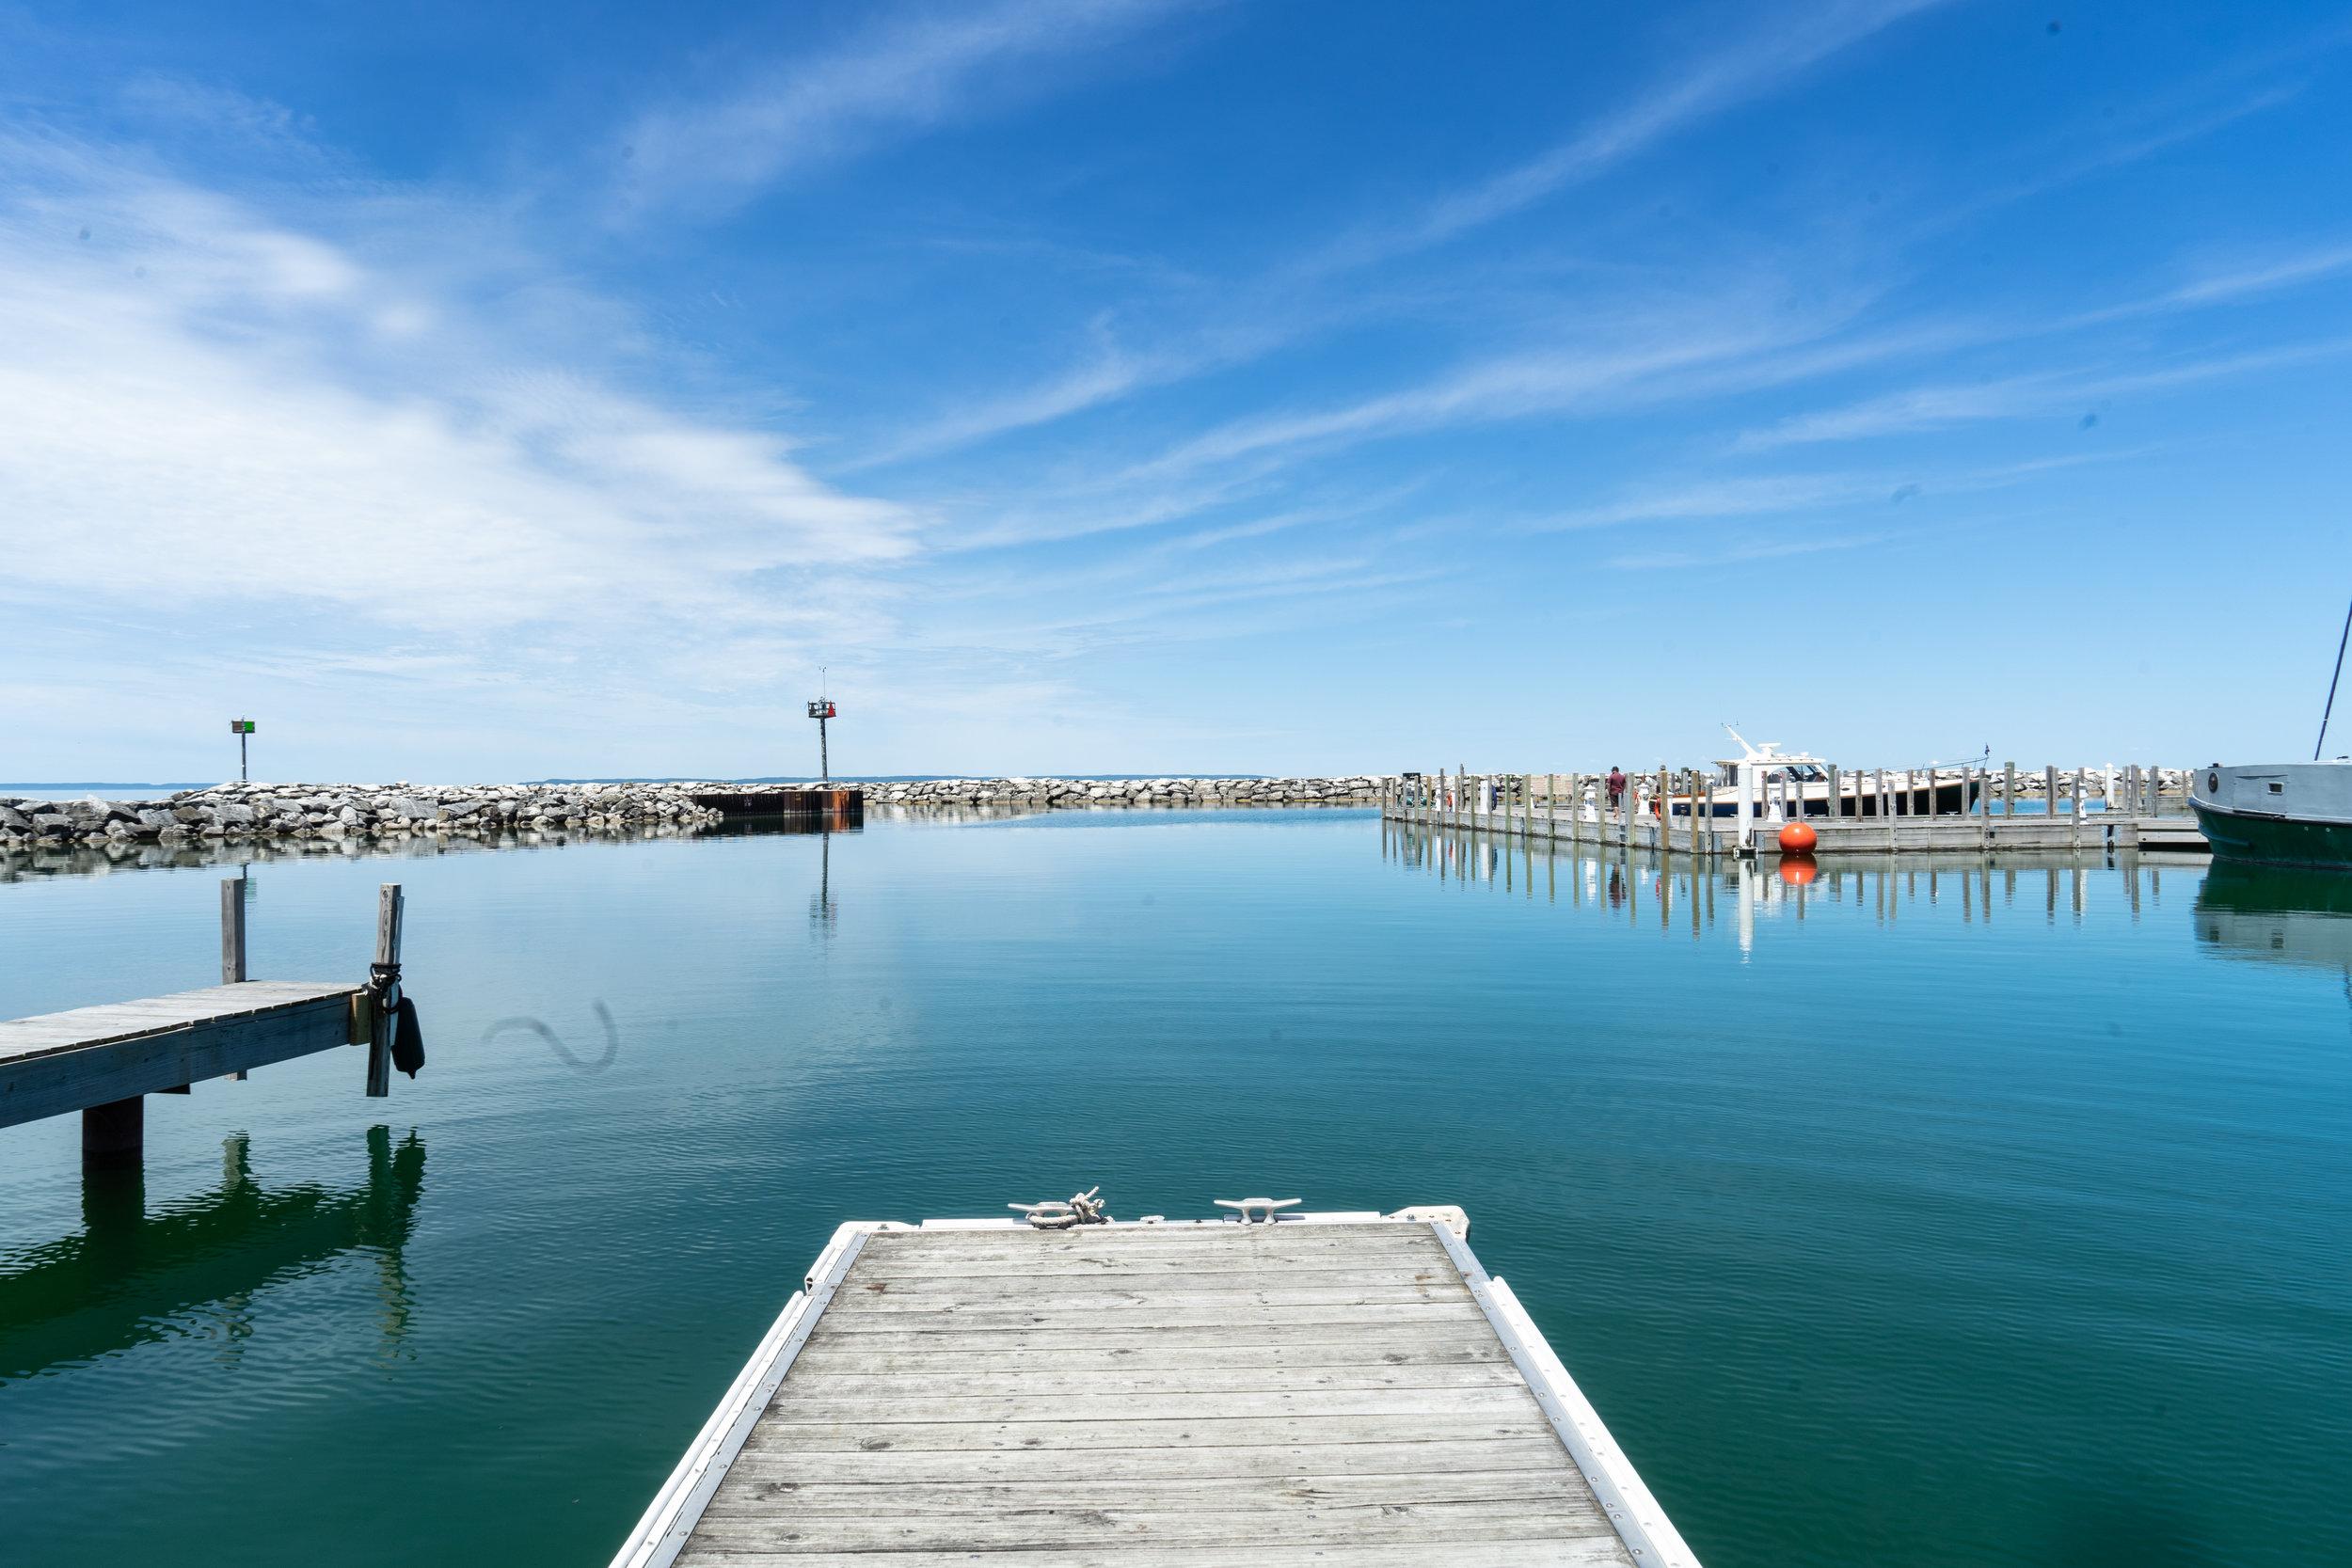 Fishtown pier